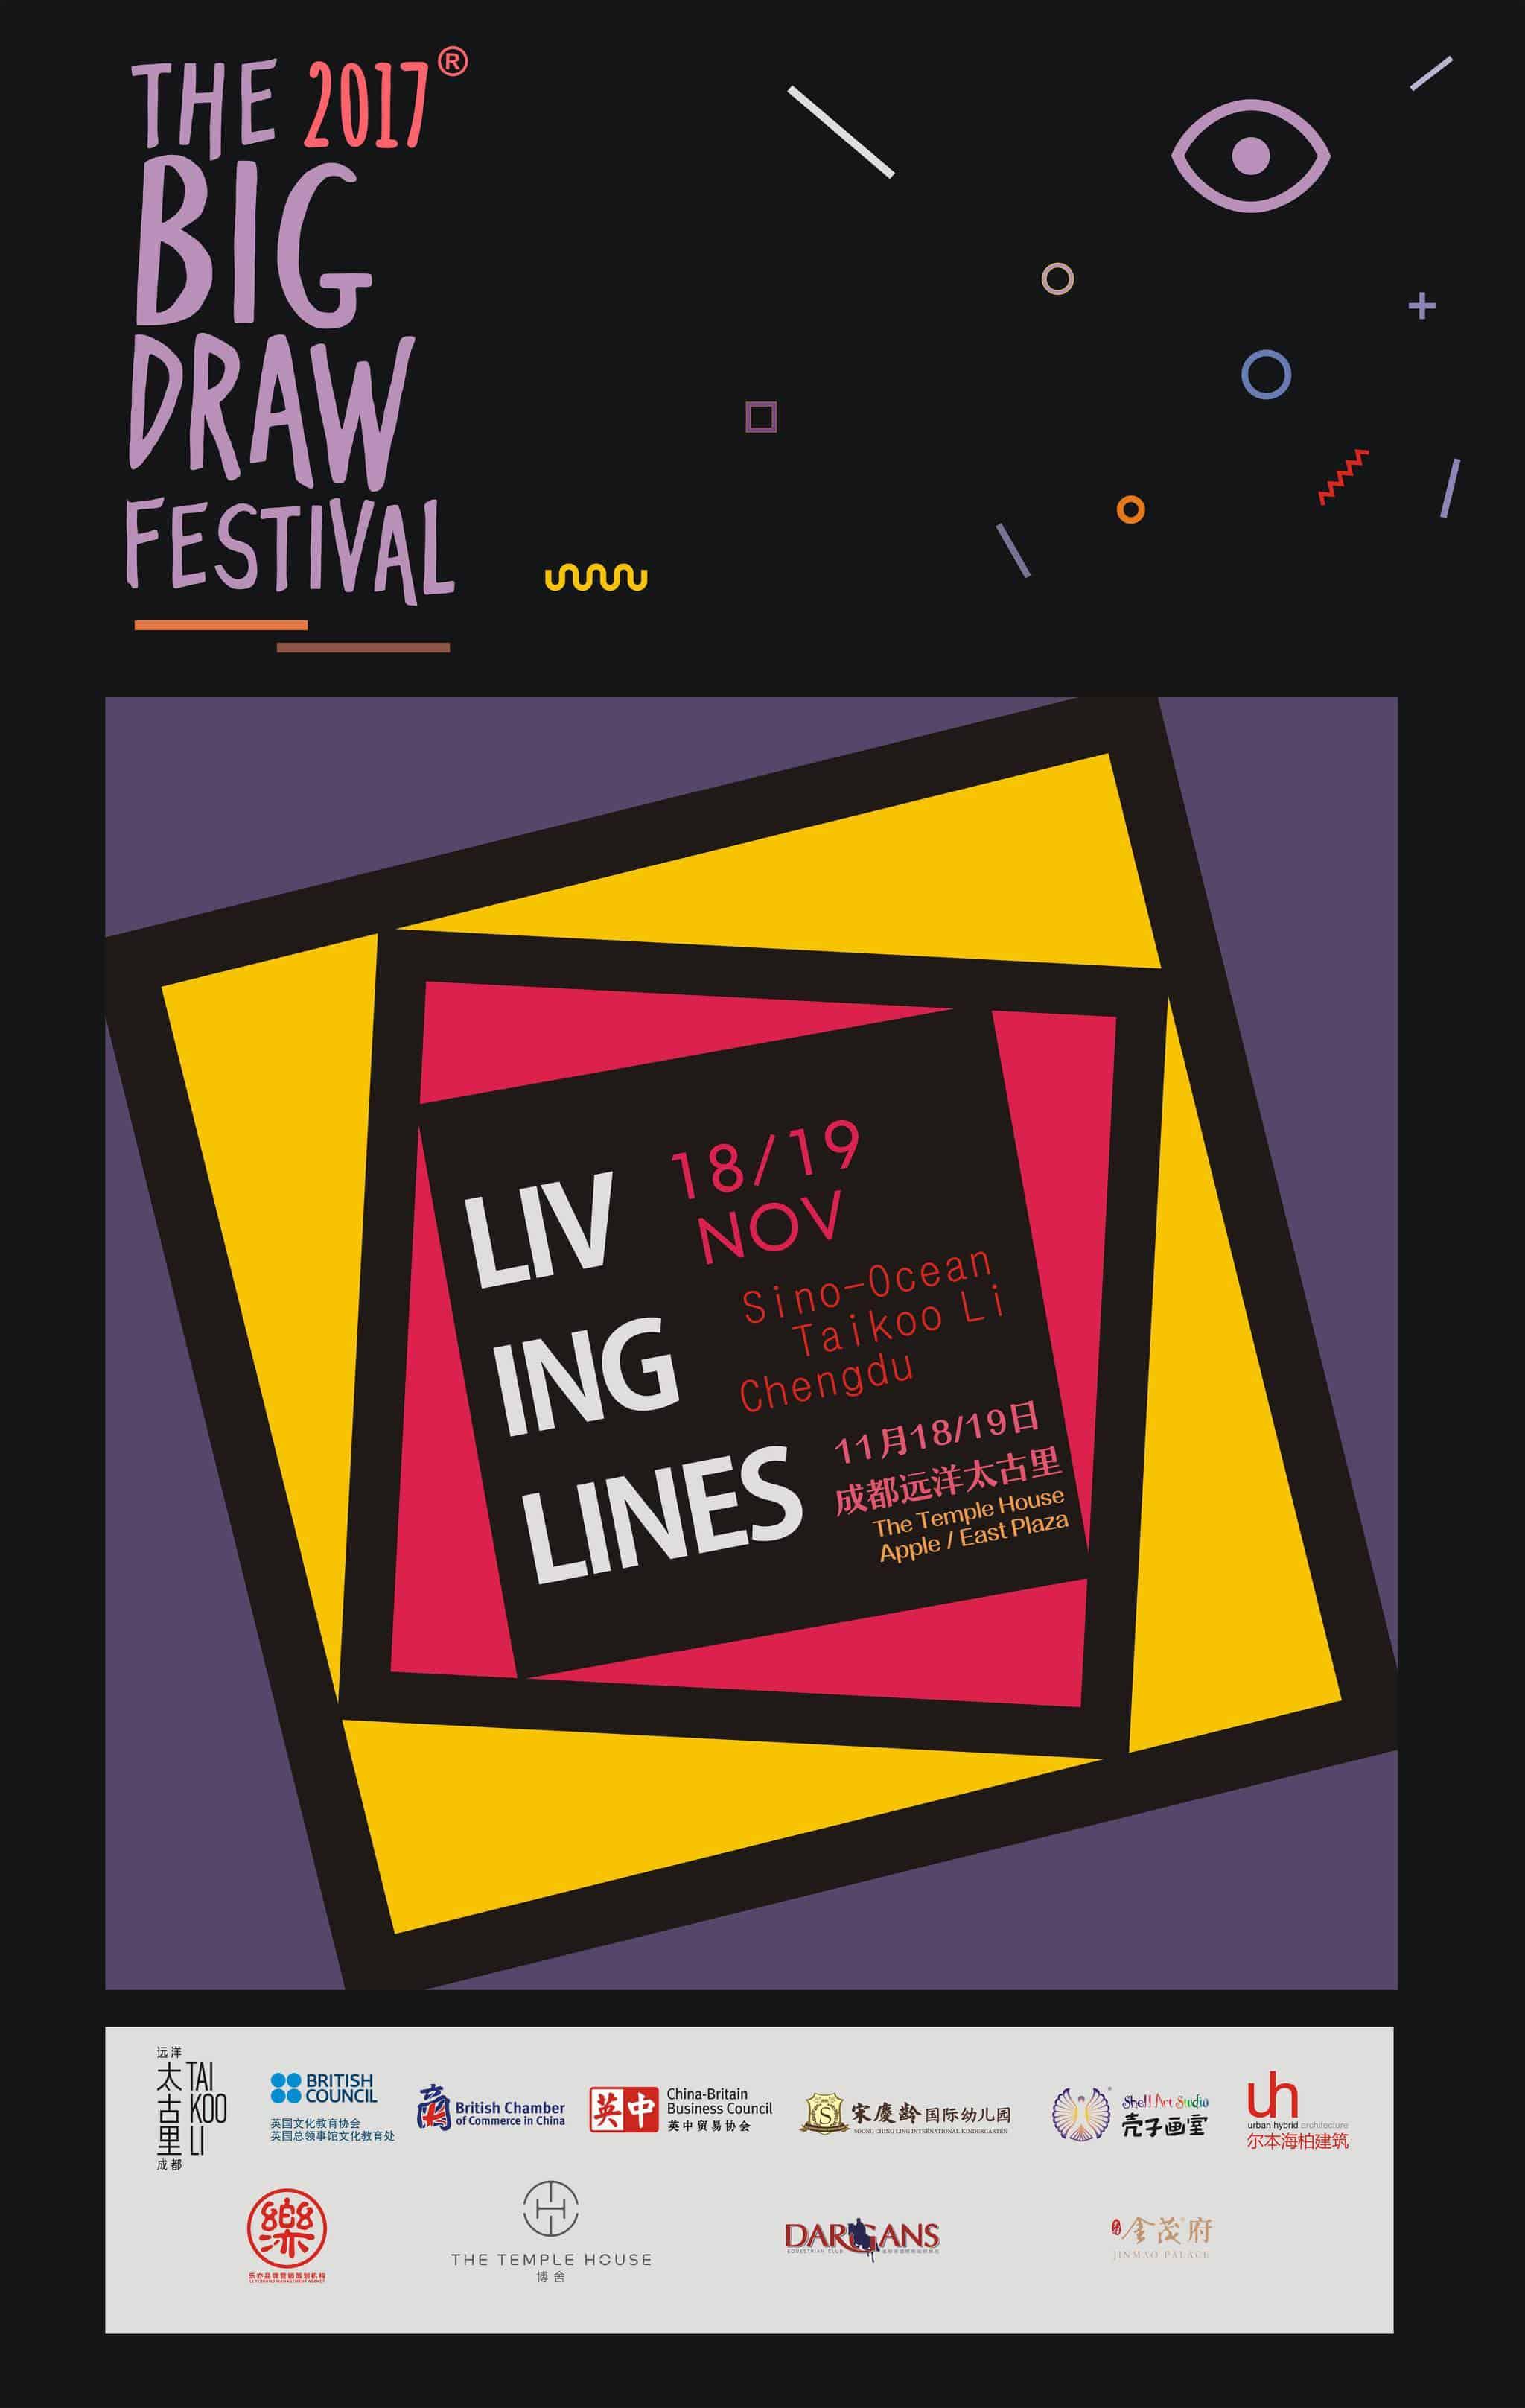 2017 Big Draw Festival Chengdu